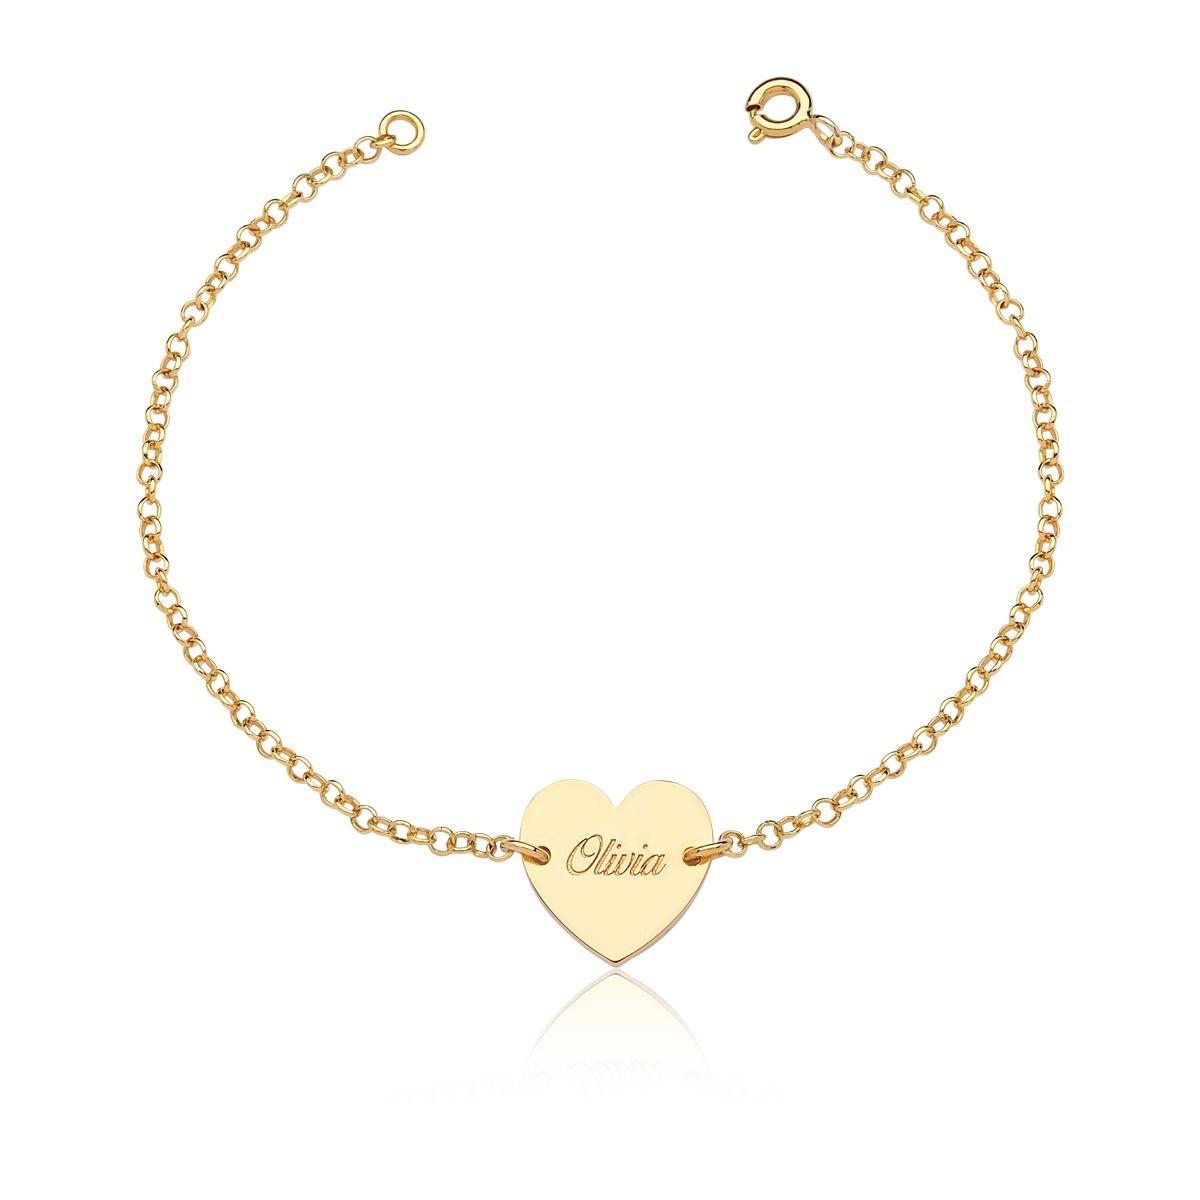 Pulseira Feminina Coração, Banho de Ouro 18k, com nomes gravados a laser